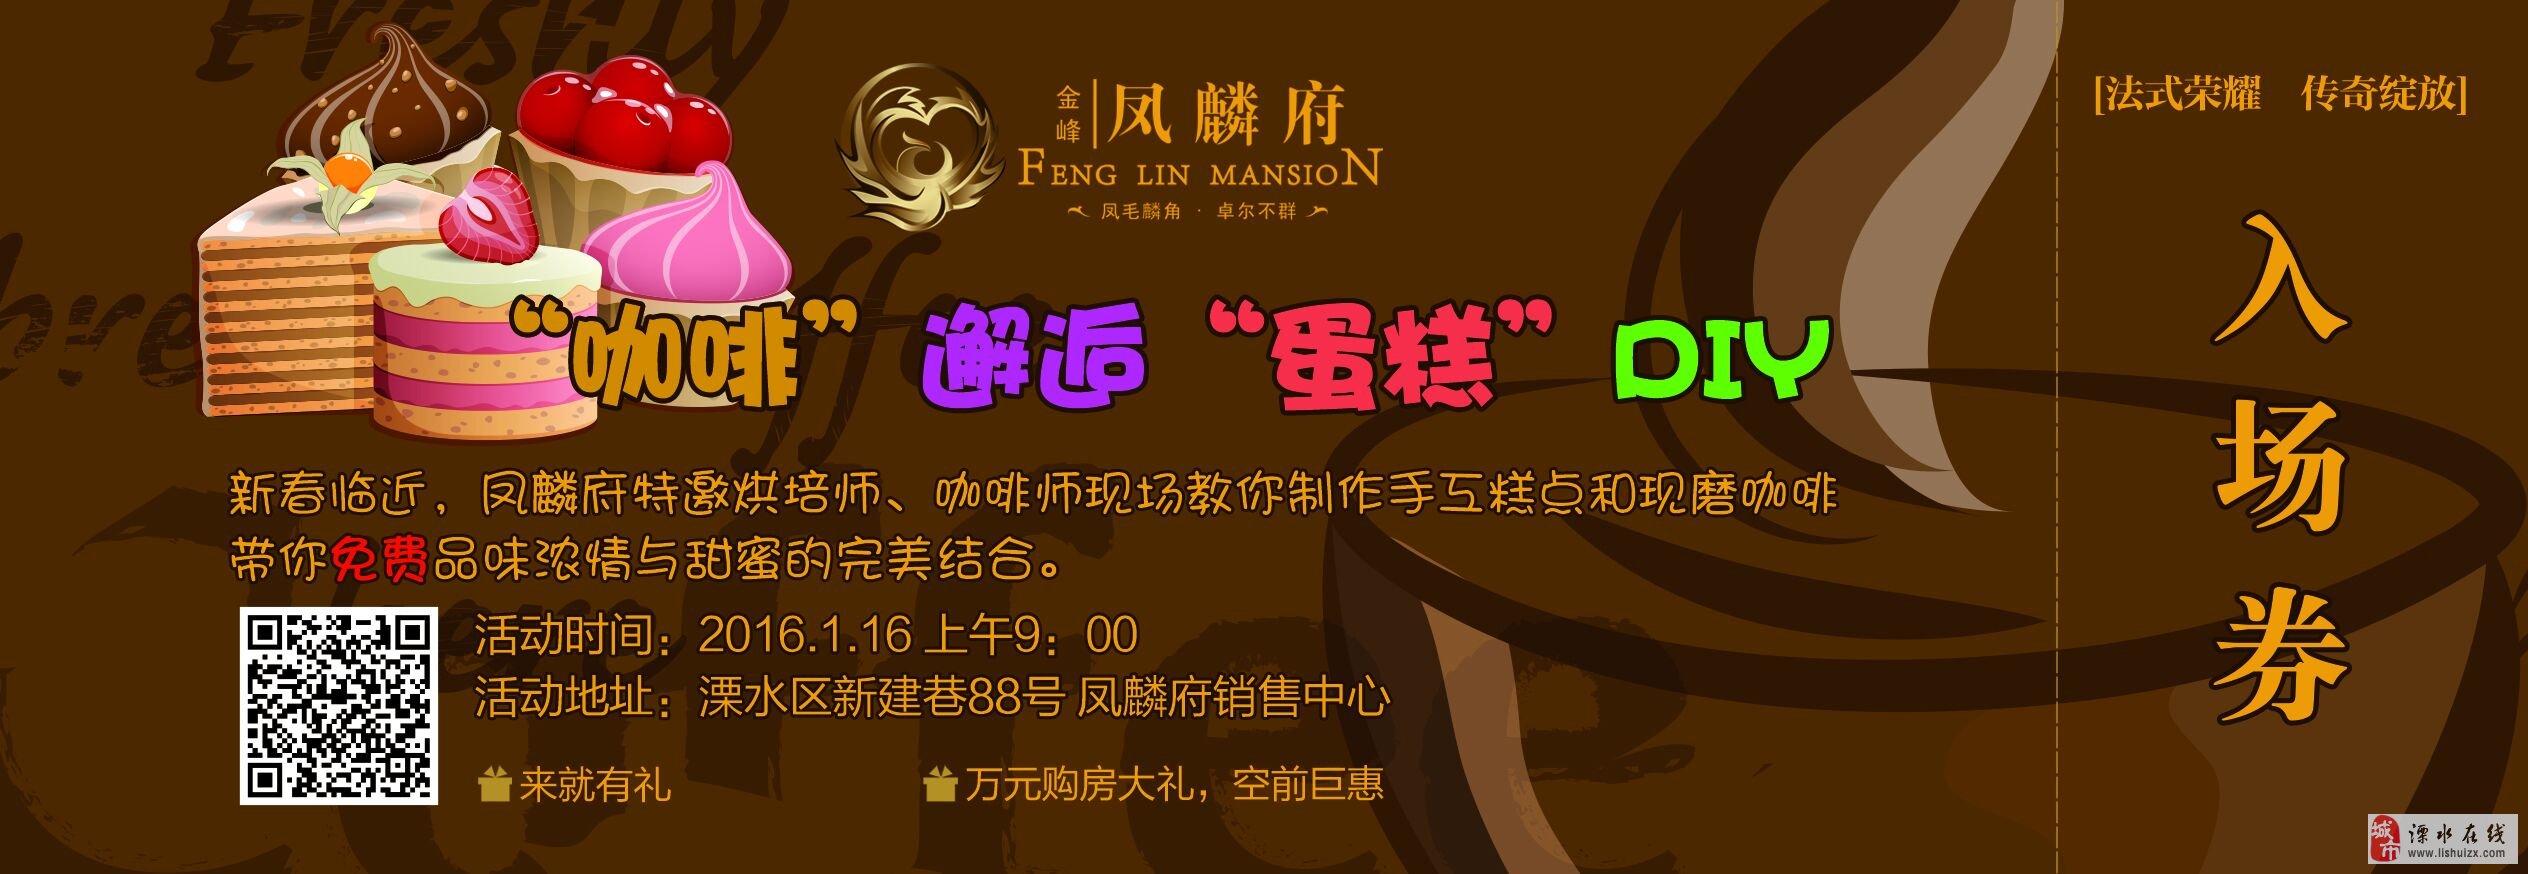 1月16日上午9:00,溧水金峰・凤麟府邀您共品咖啡蛋糕